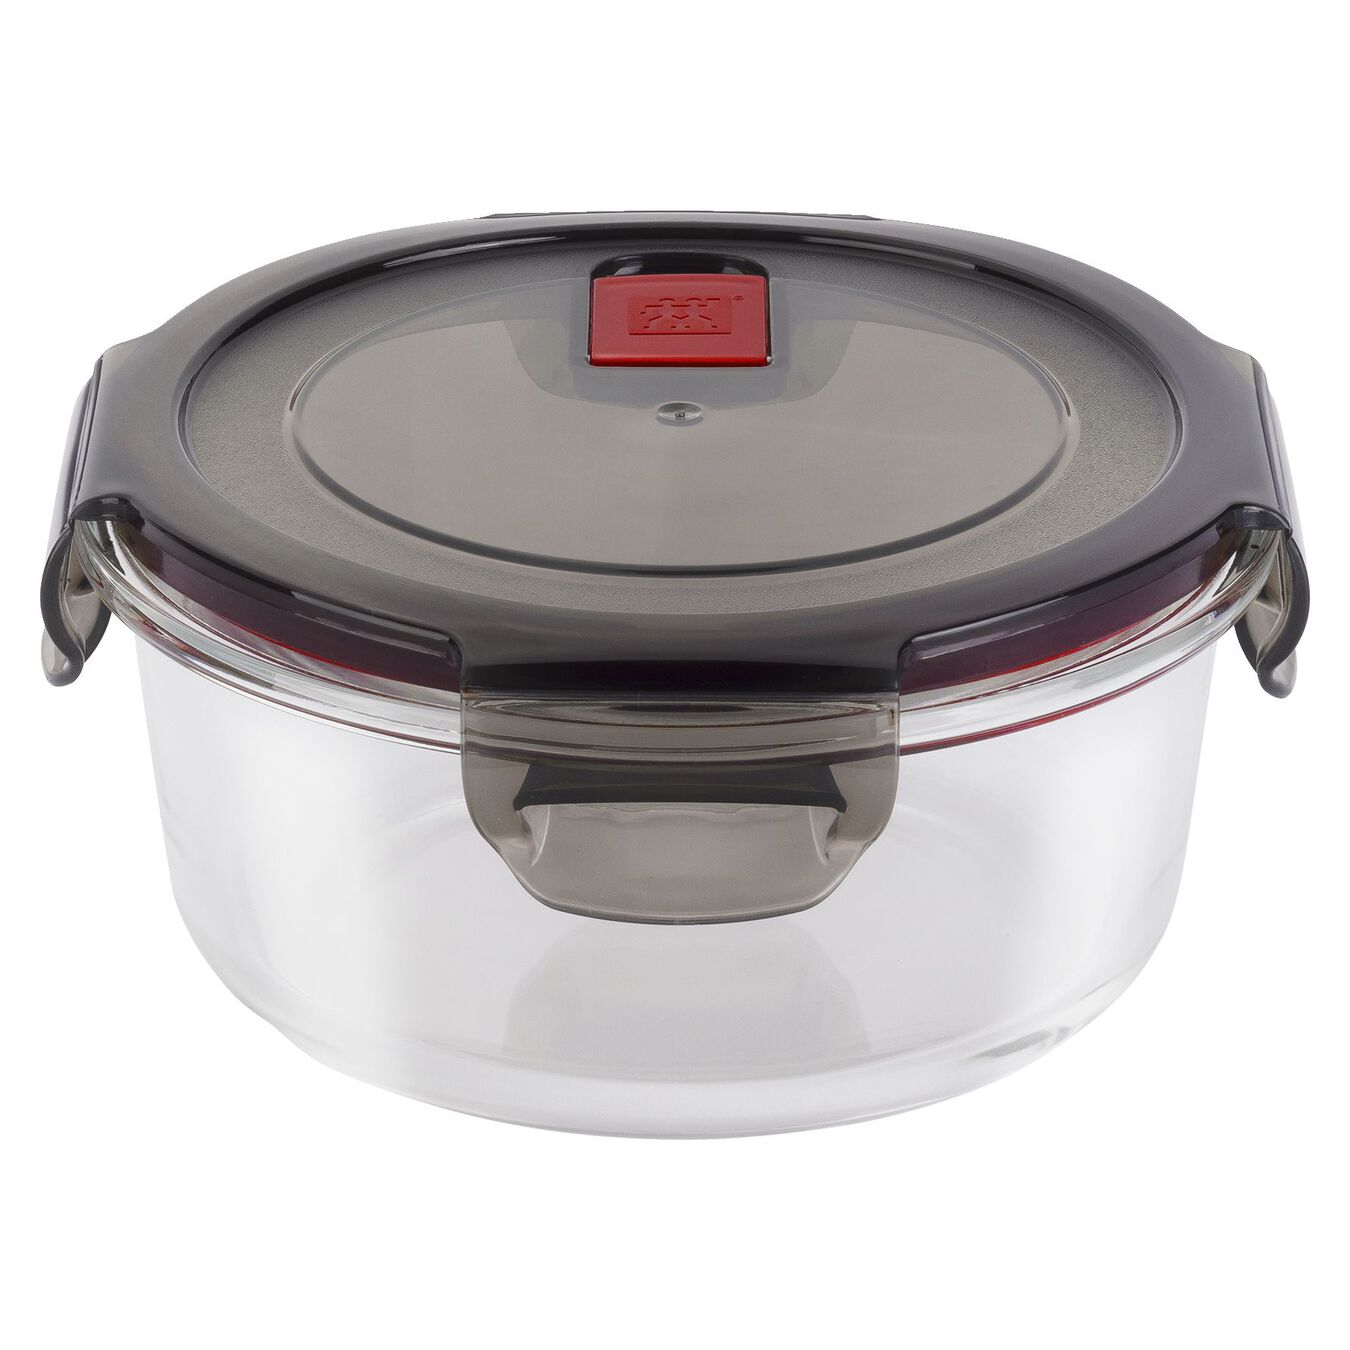 Förvaringsbox 600 ml, Borosilikatglas,,large 1